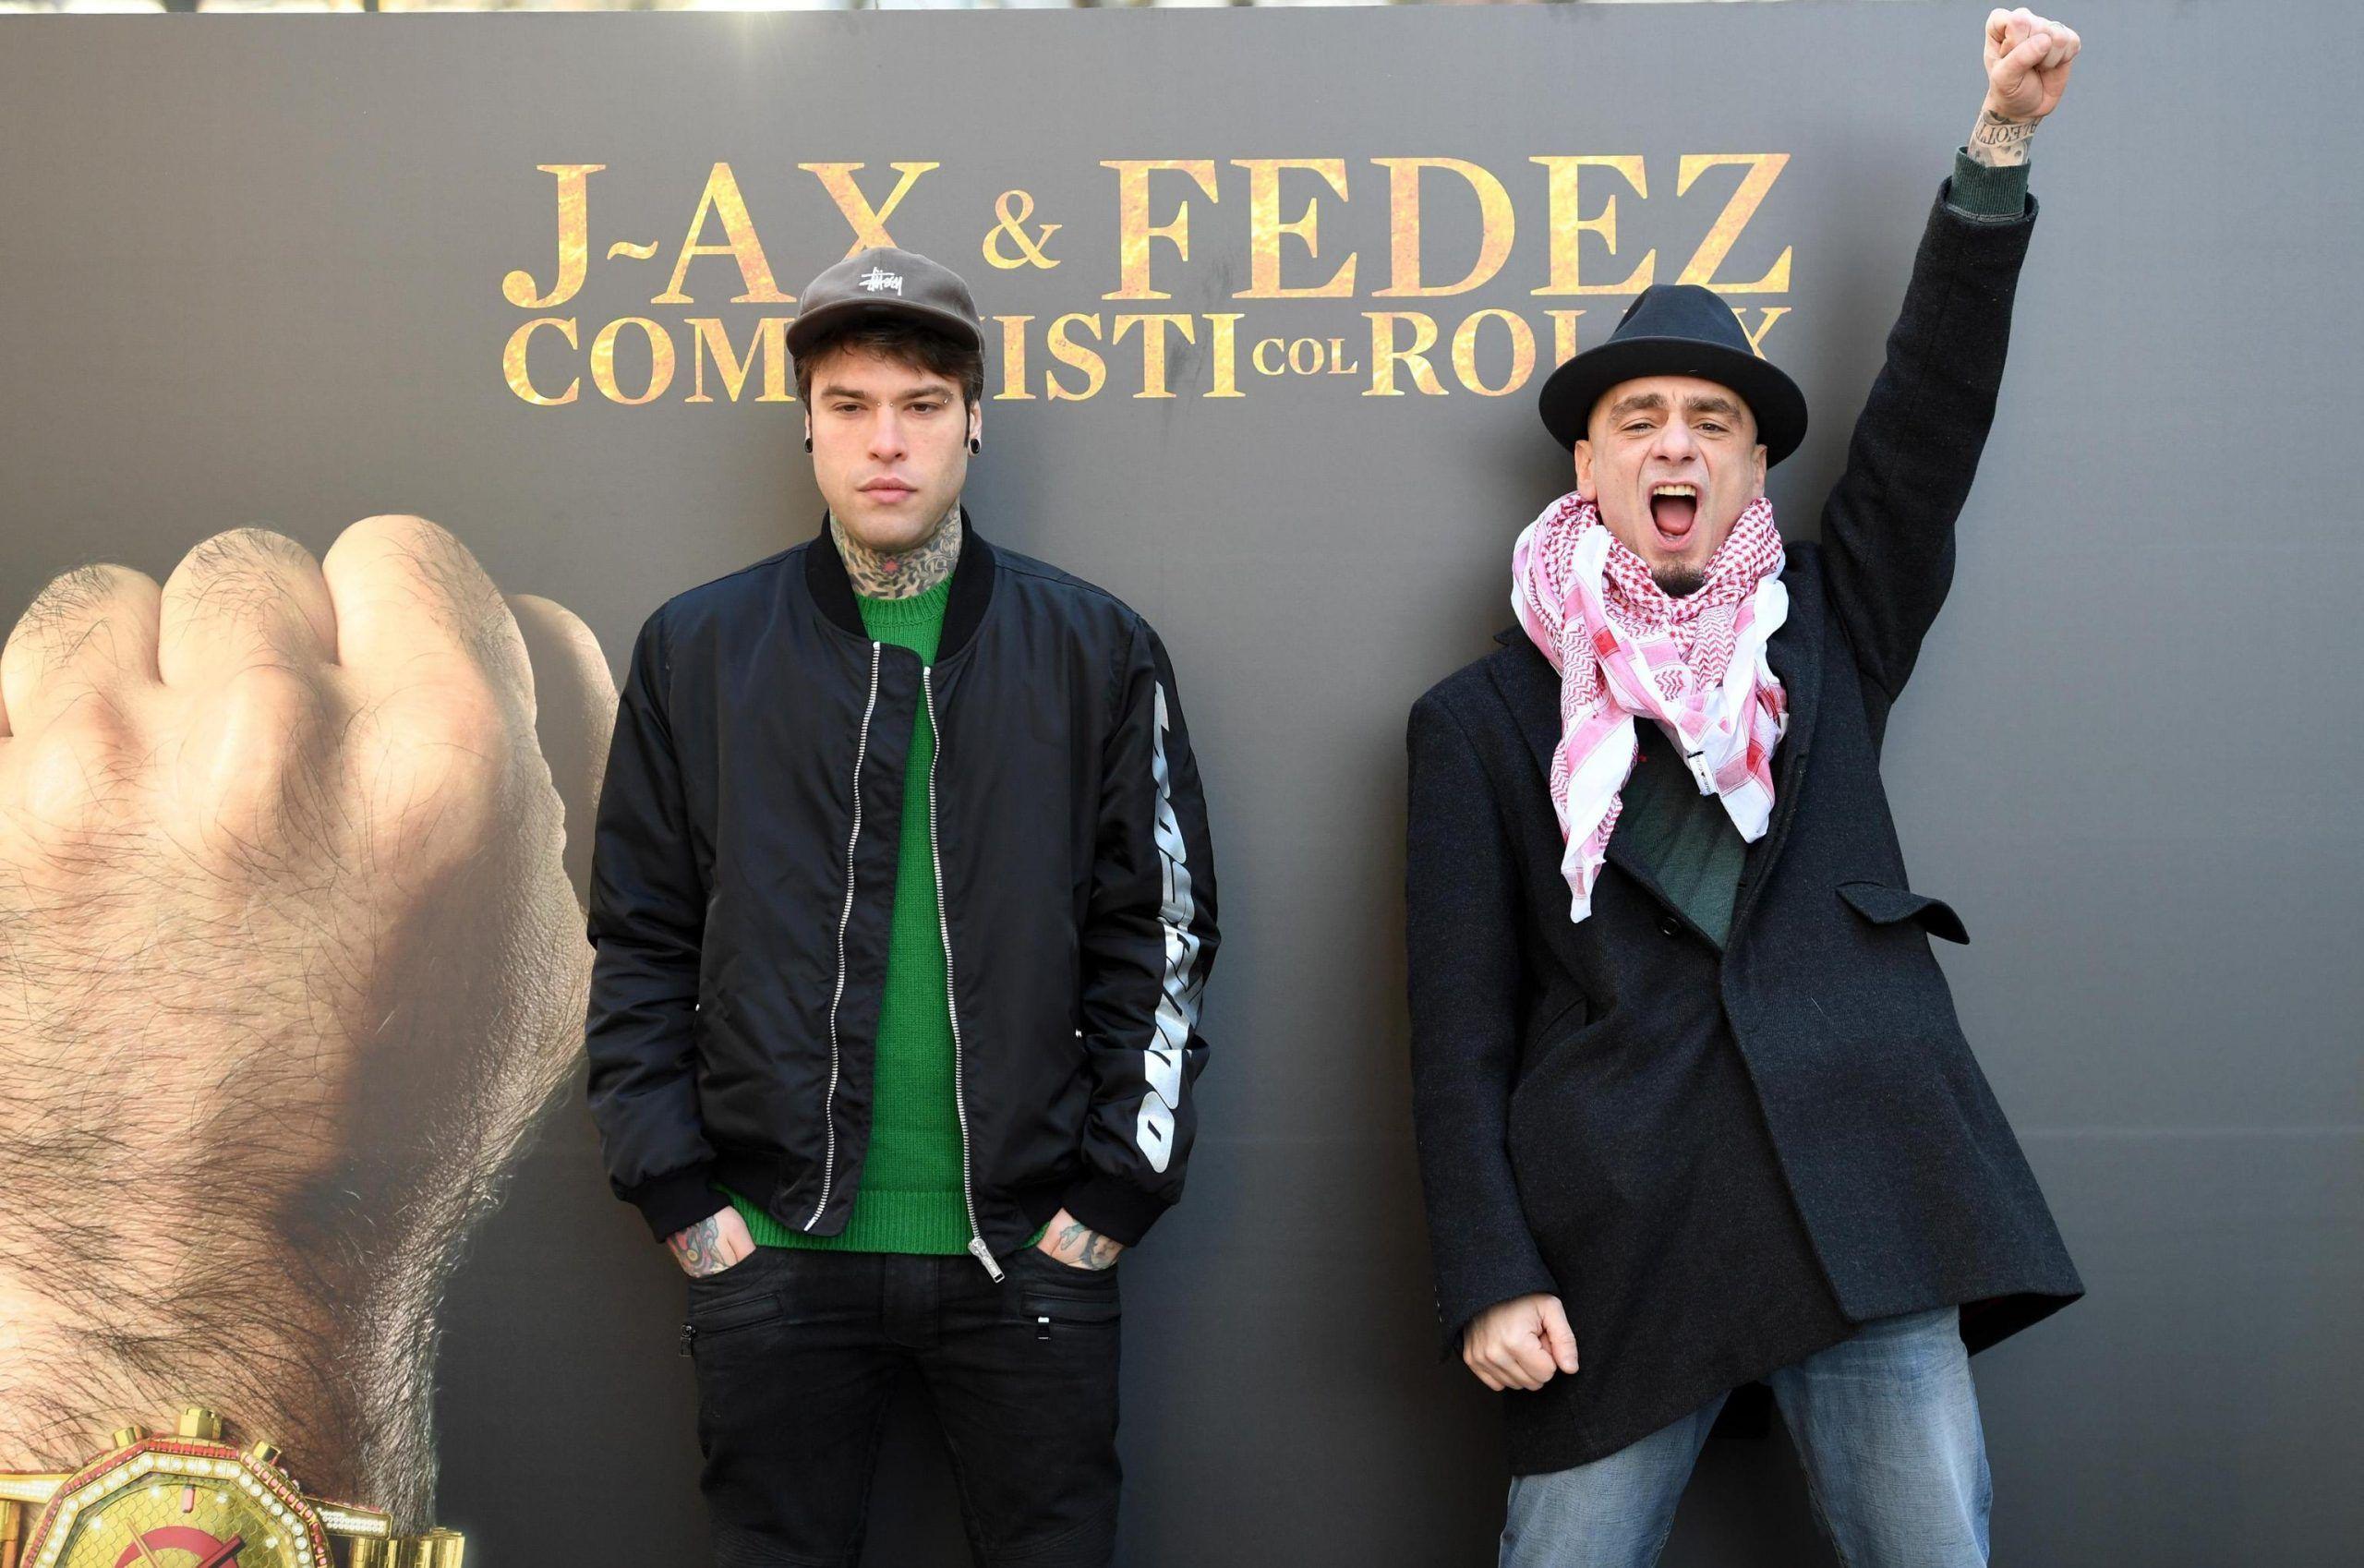 Presentazione dell'album 'Comunisti col Rolex'